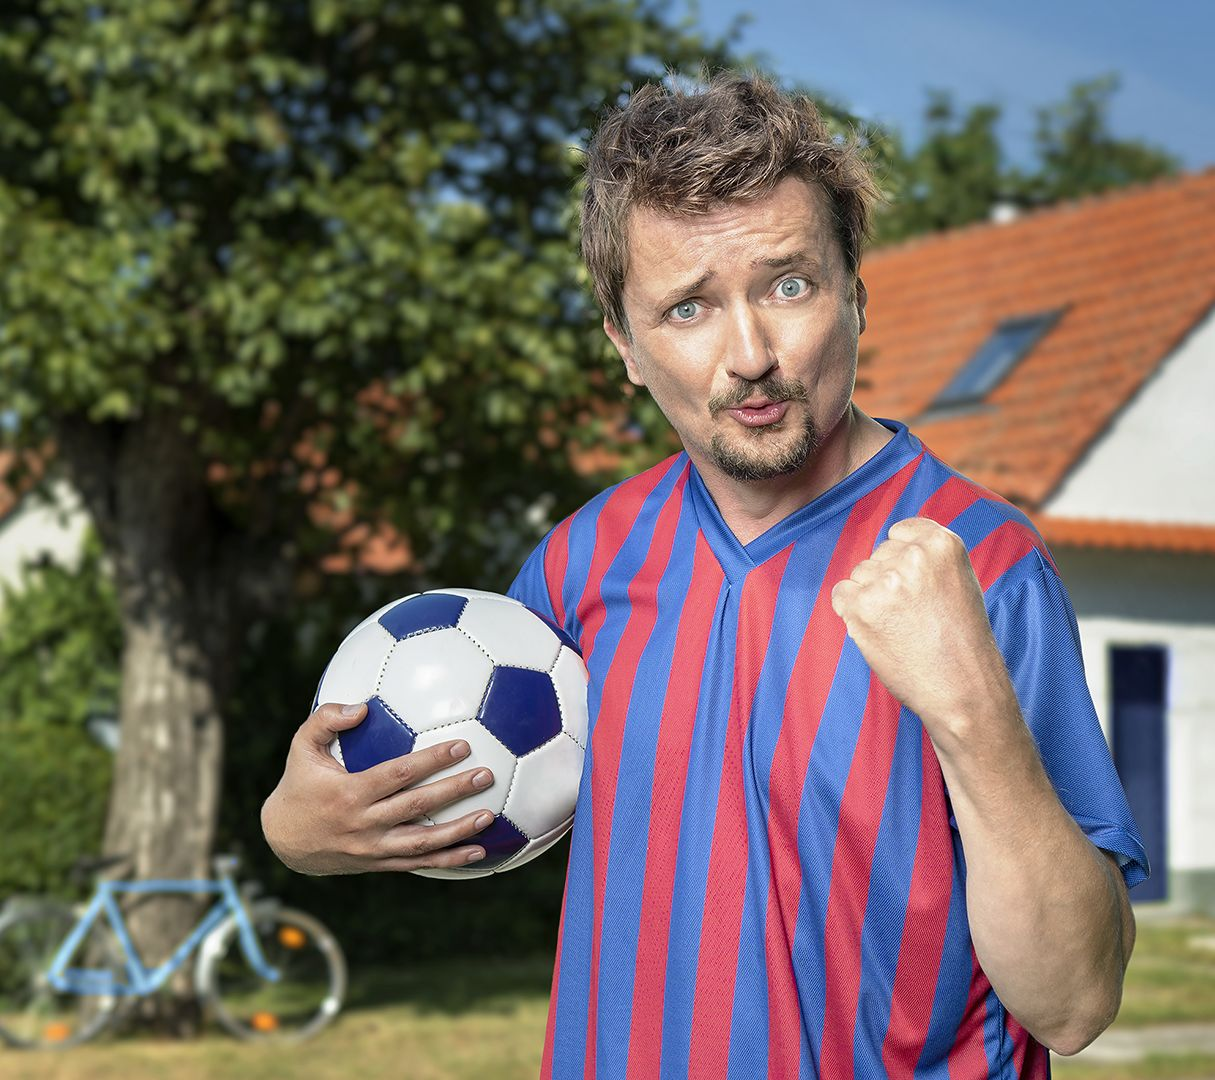 Si skutočný futbalový fanúšik? Čaká ťa toľko športu v jednej televízii, že to nebudeš stíhať